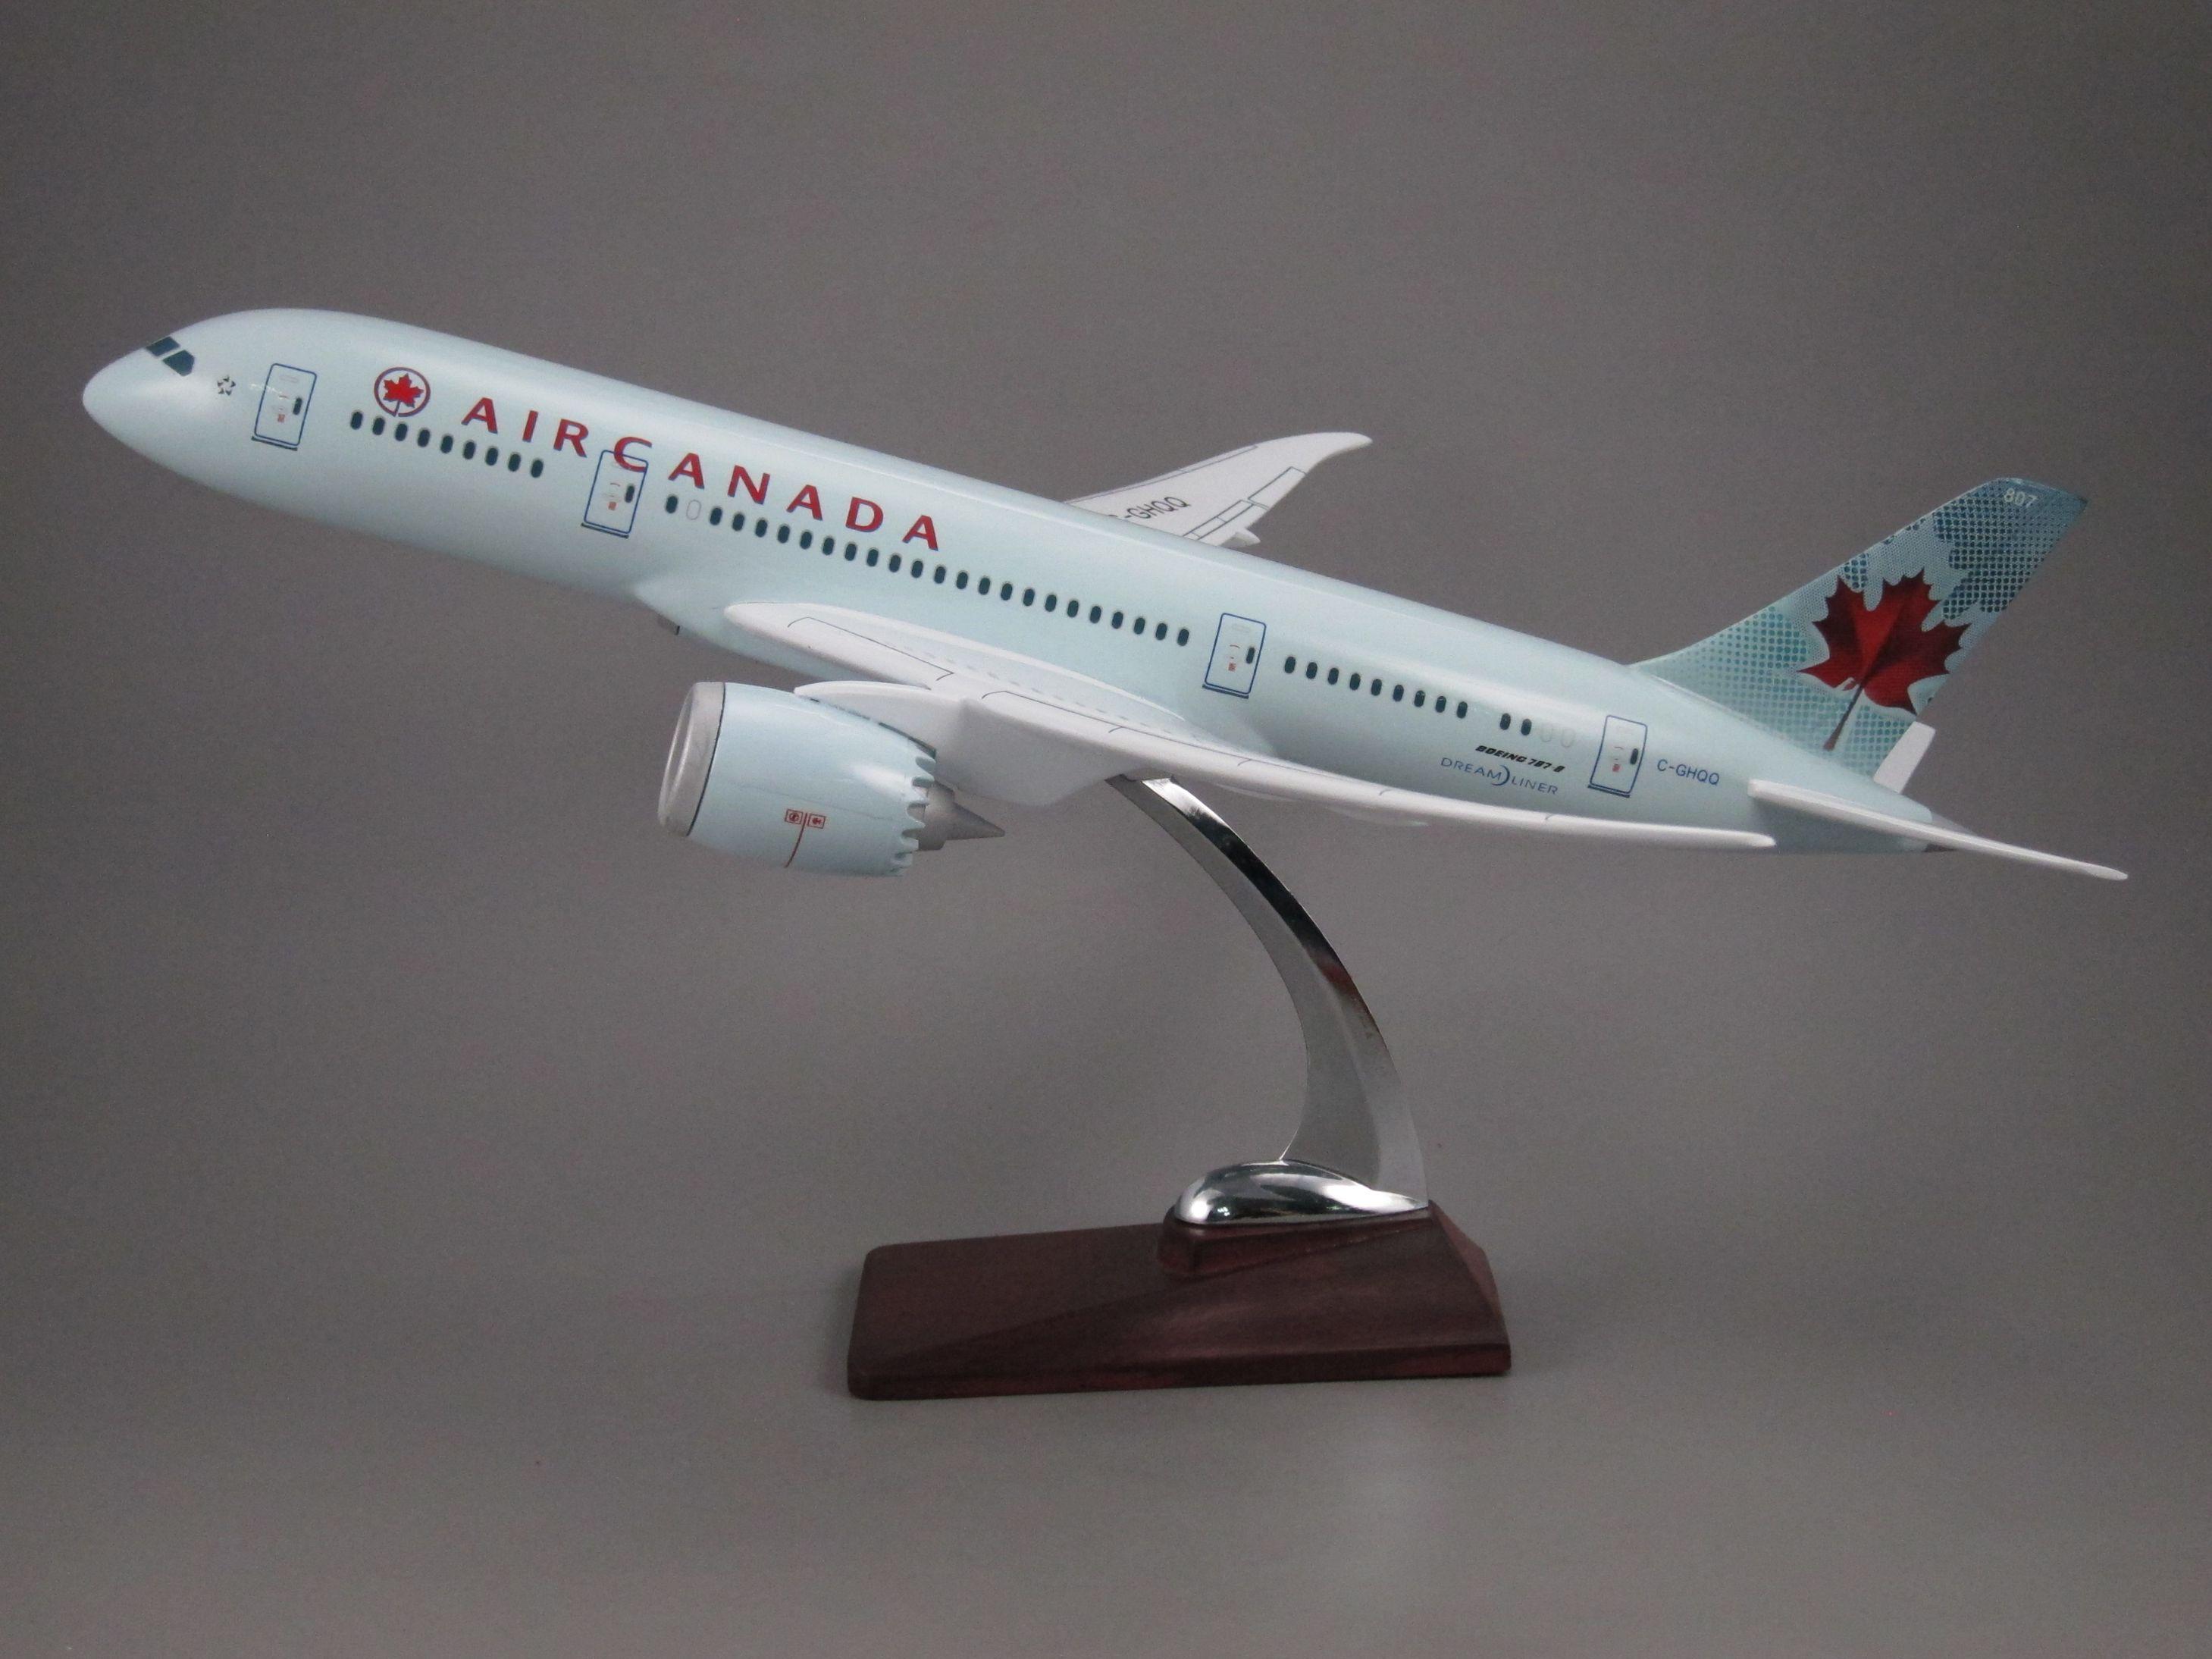 飞机模型(加拿大航空B787老涂装)仿真飞机模型合成树脂飞机模型